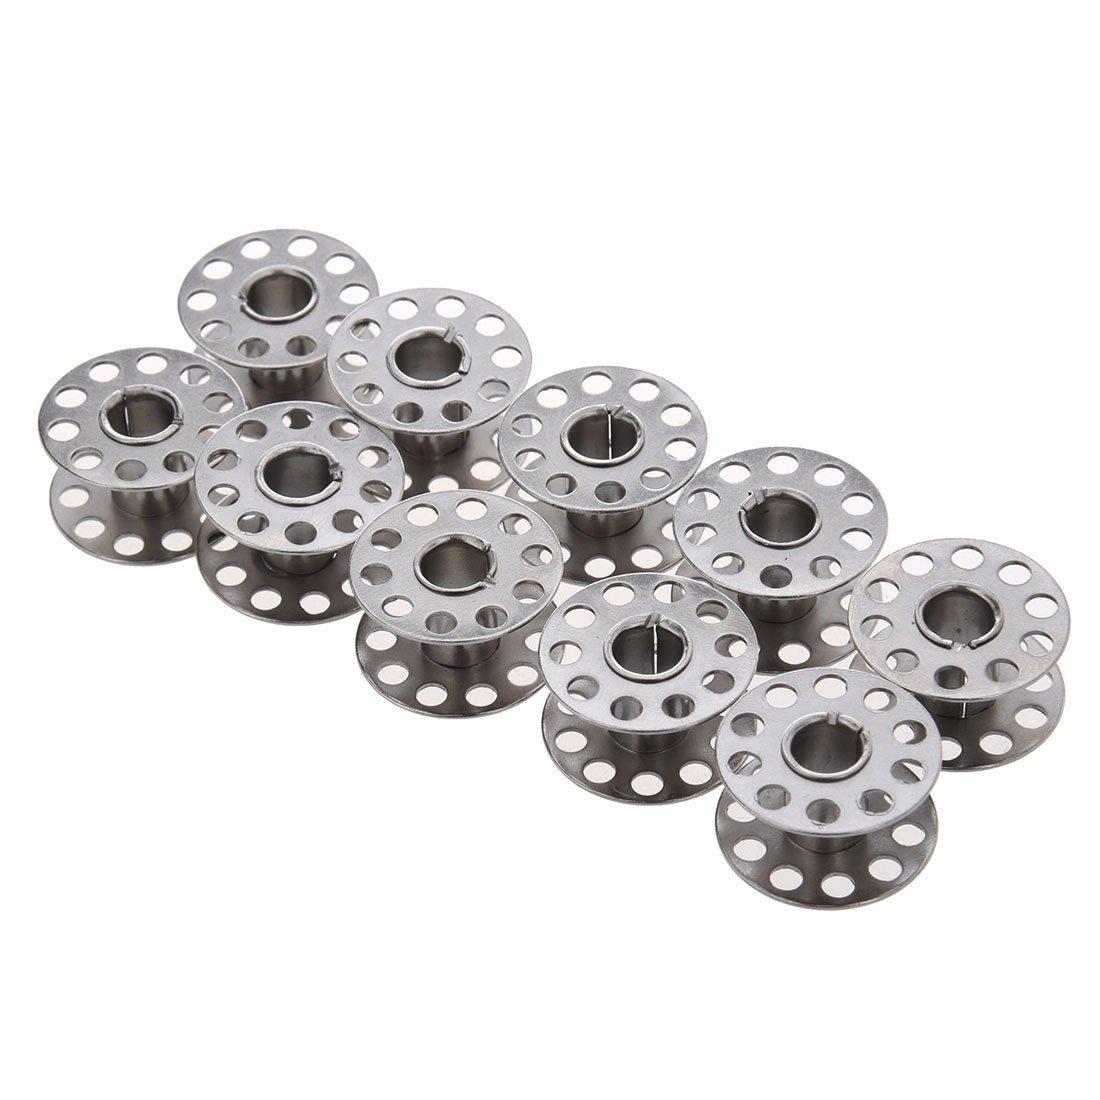 Naisi 15 Piezas de Bobina Canilla Metal de Máquina Costura Accesorios de Coser Manualidades Compartible con Varias Máquinas: Amazon.es: Hogar